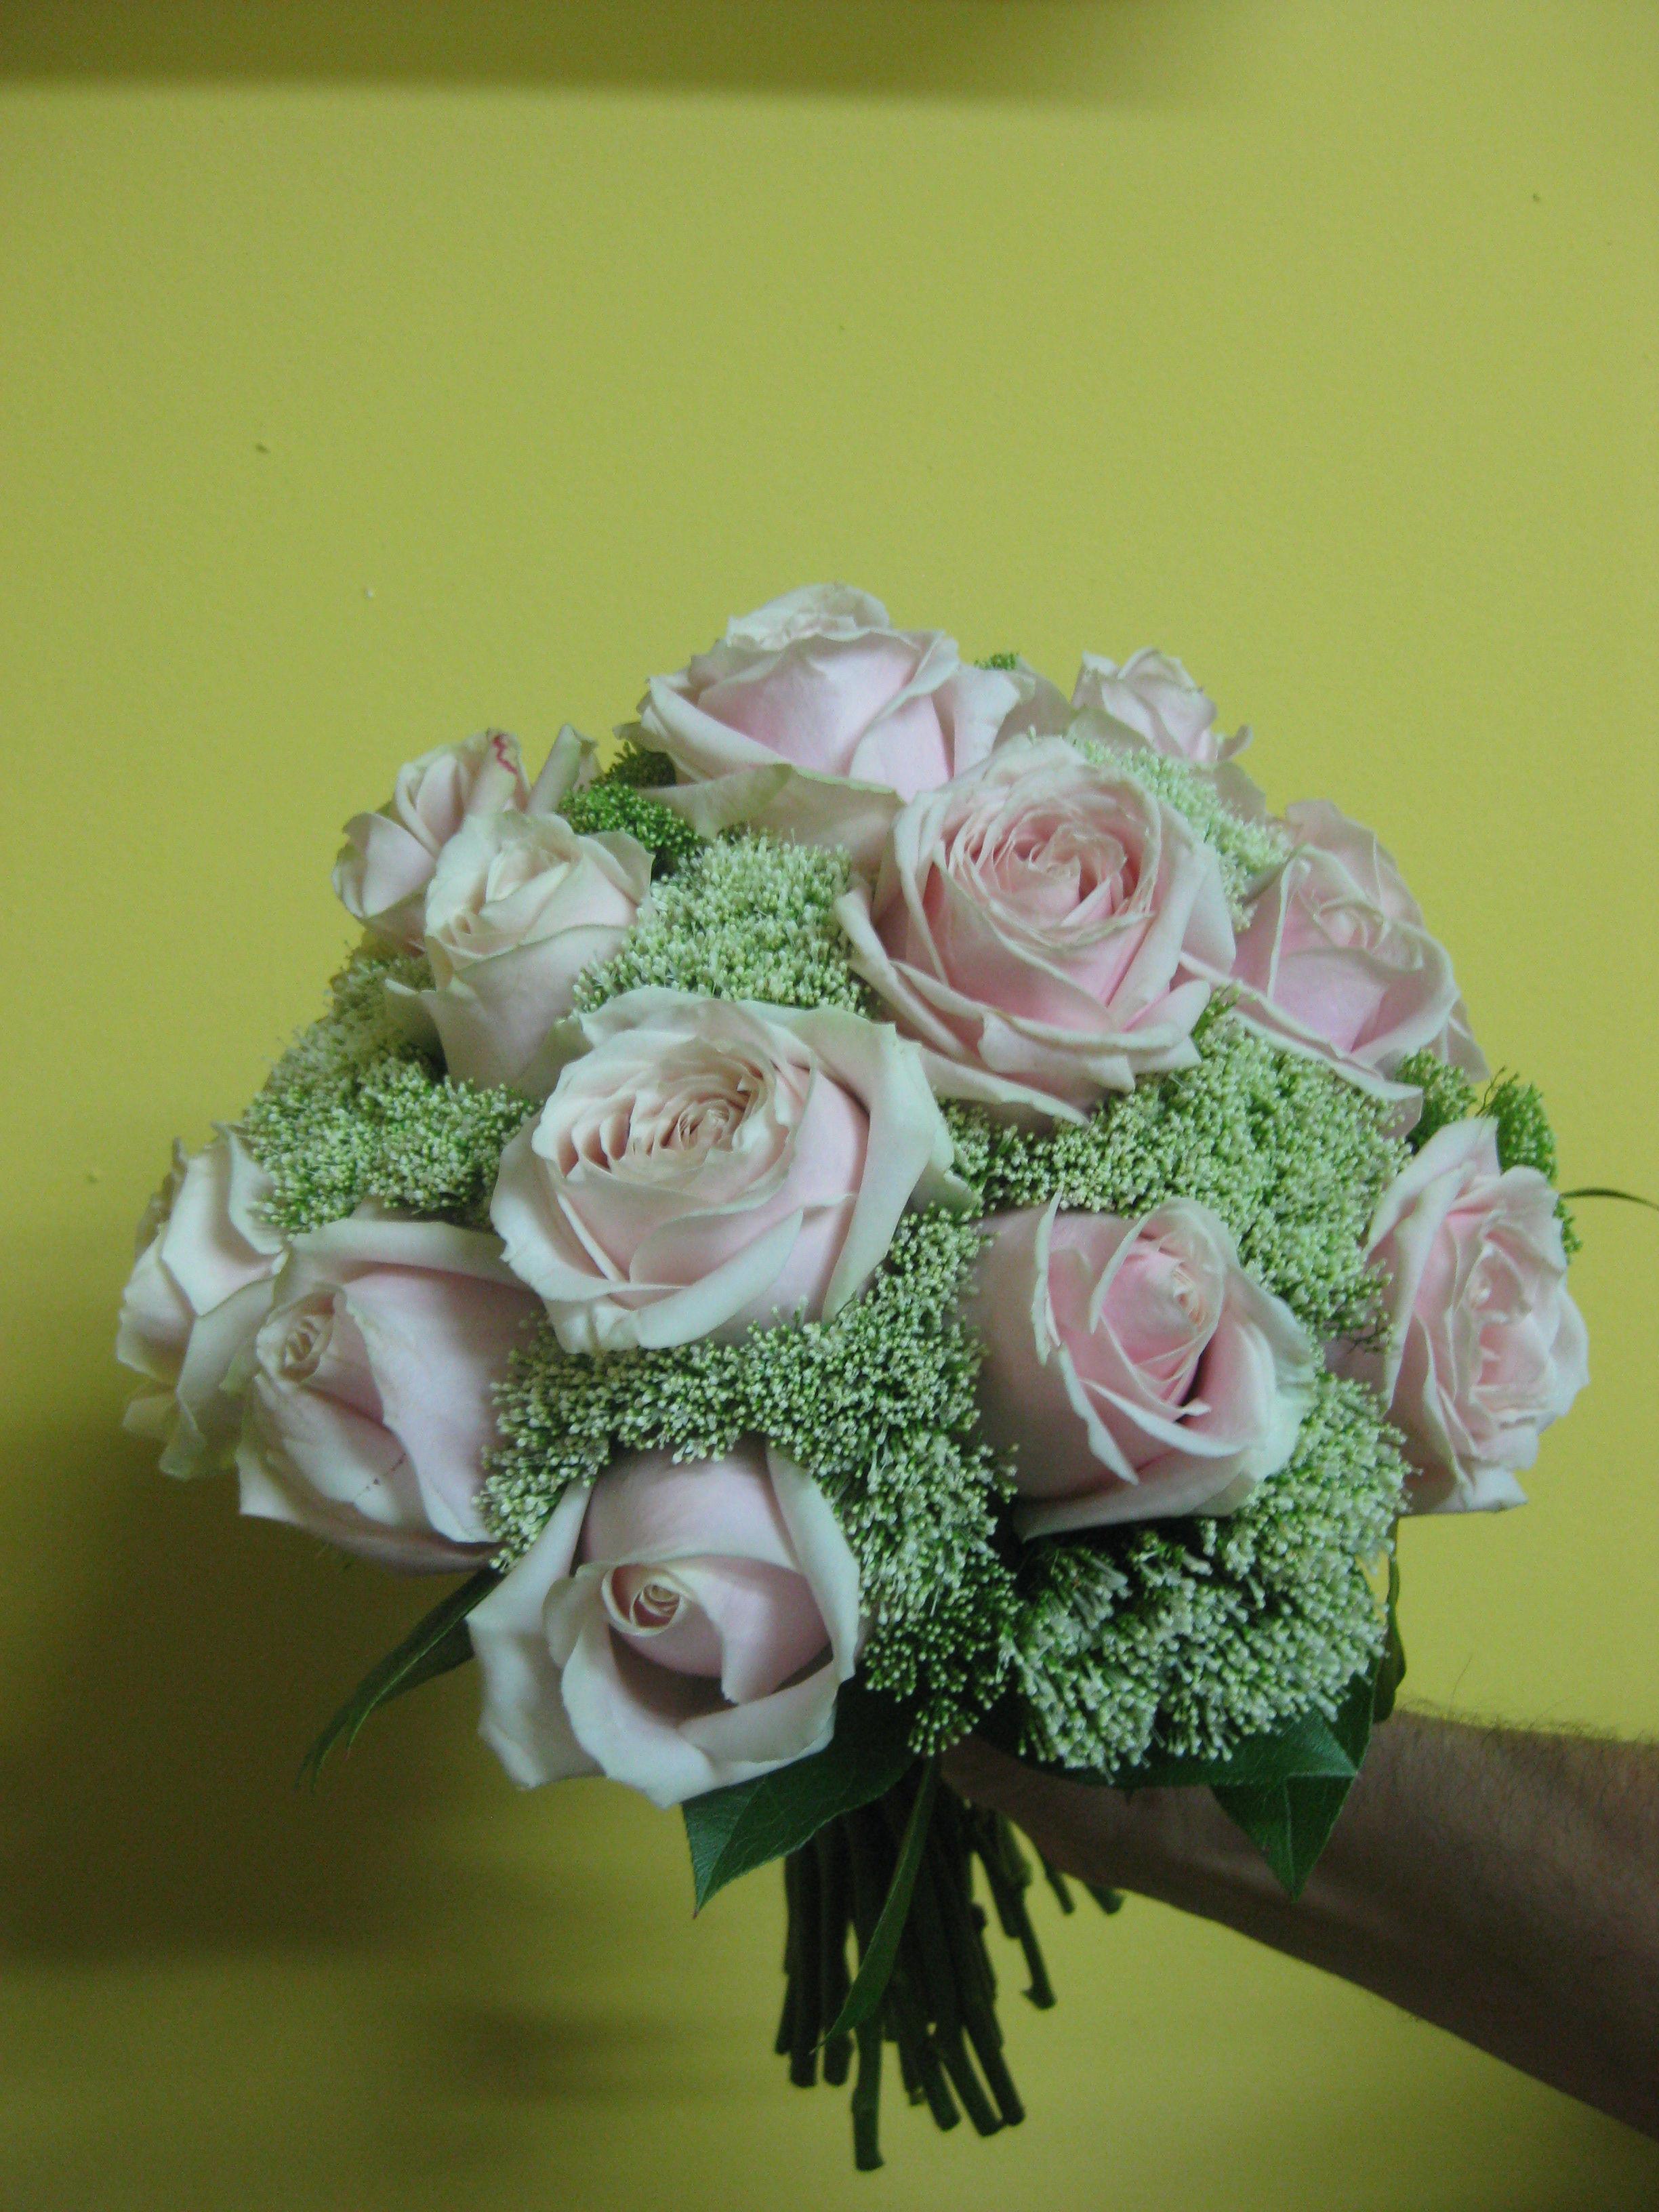 Bouquet de rosa envejecida: Catálogo de flores y plantas de Floristería Pétalos